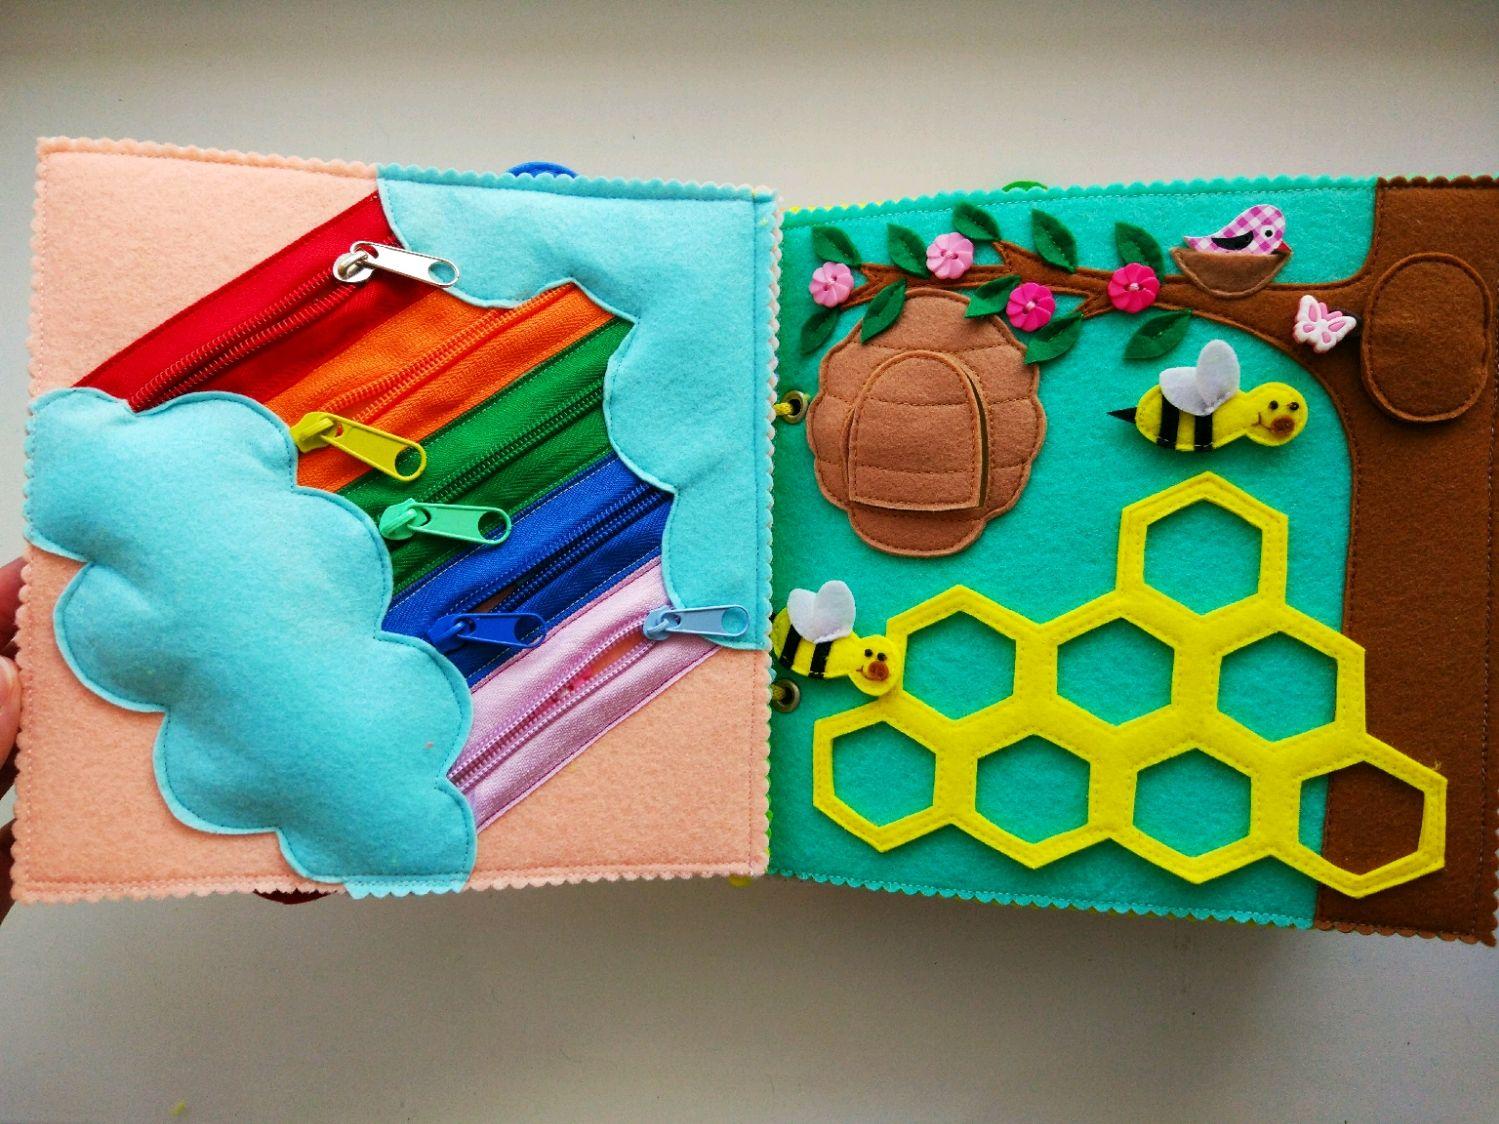 Лэпбук для дошкольников своими руками: шаблоны, мастер 78